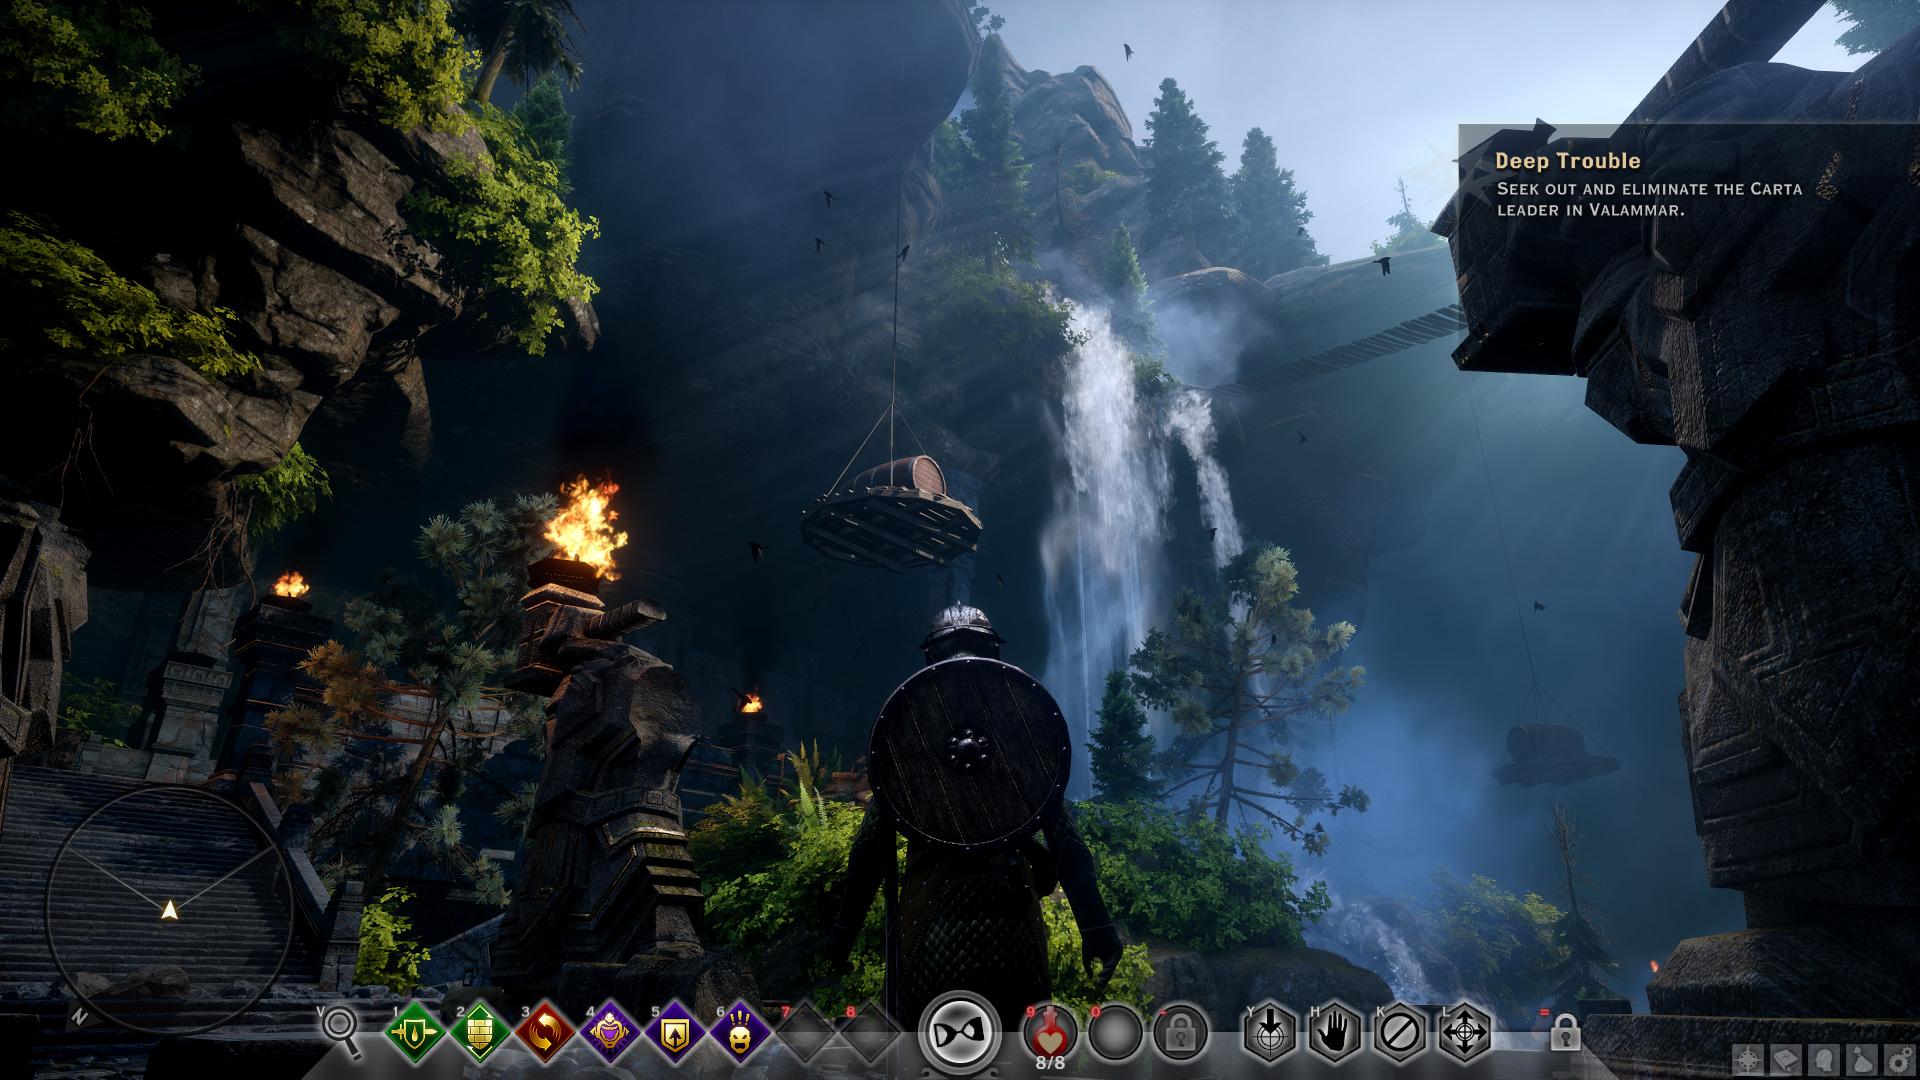 HW nároky Dragon Age: Inquisition jsou překvapivě nízké 101319